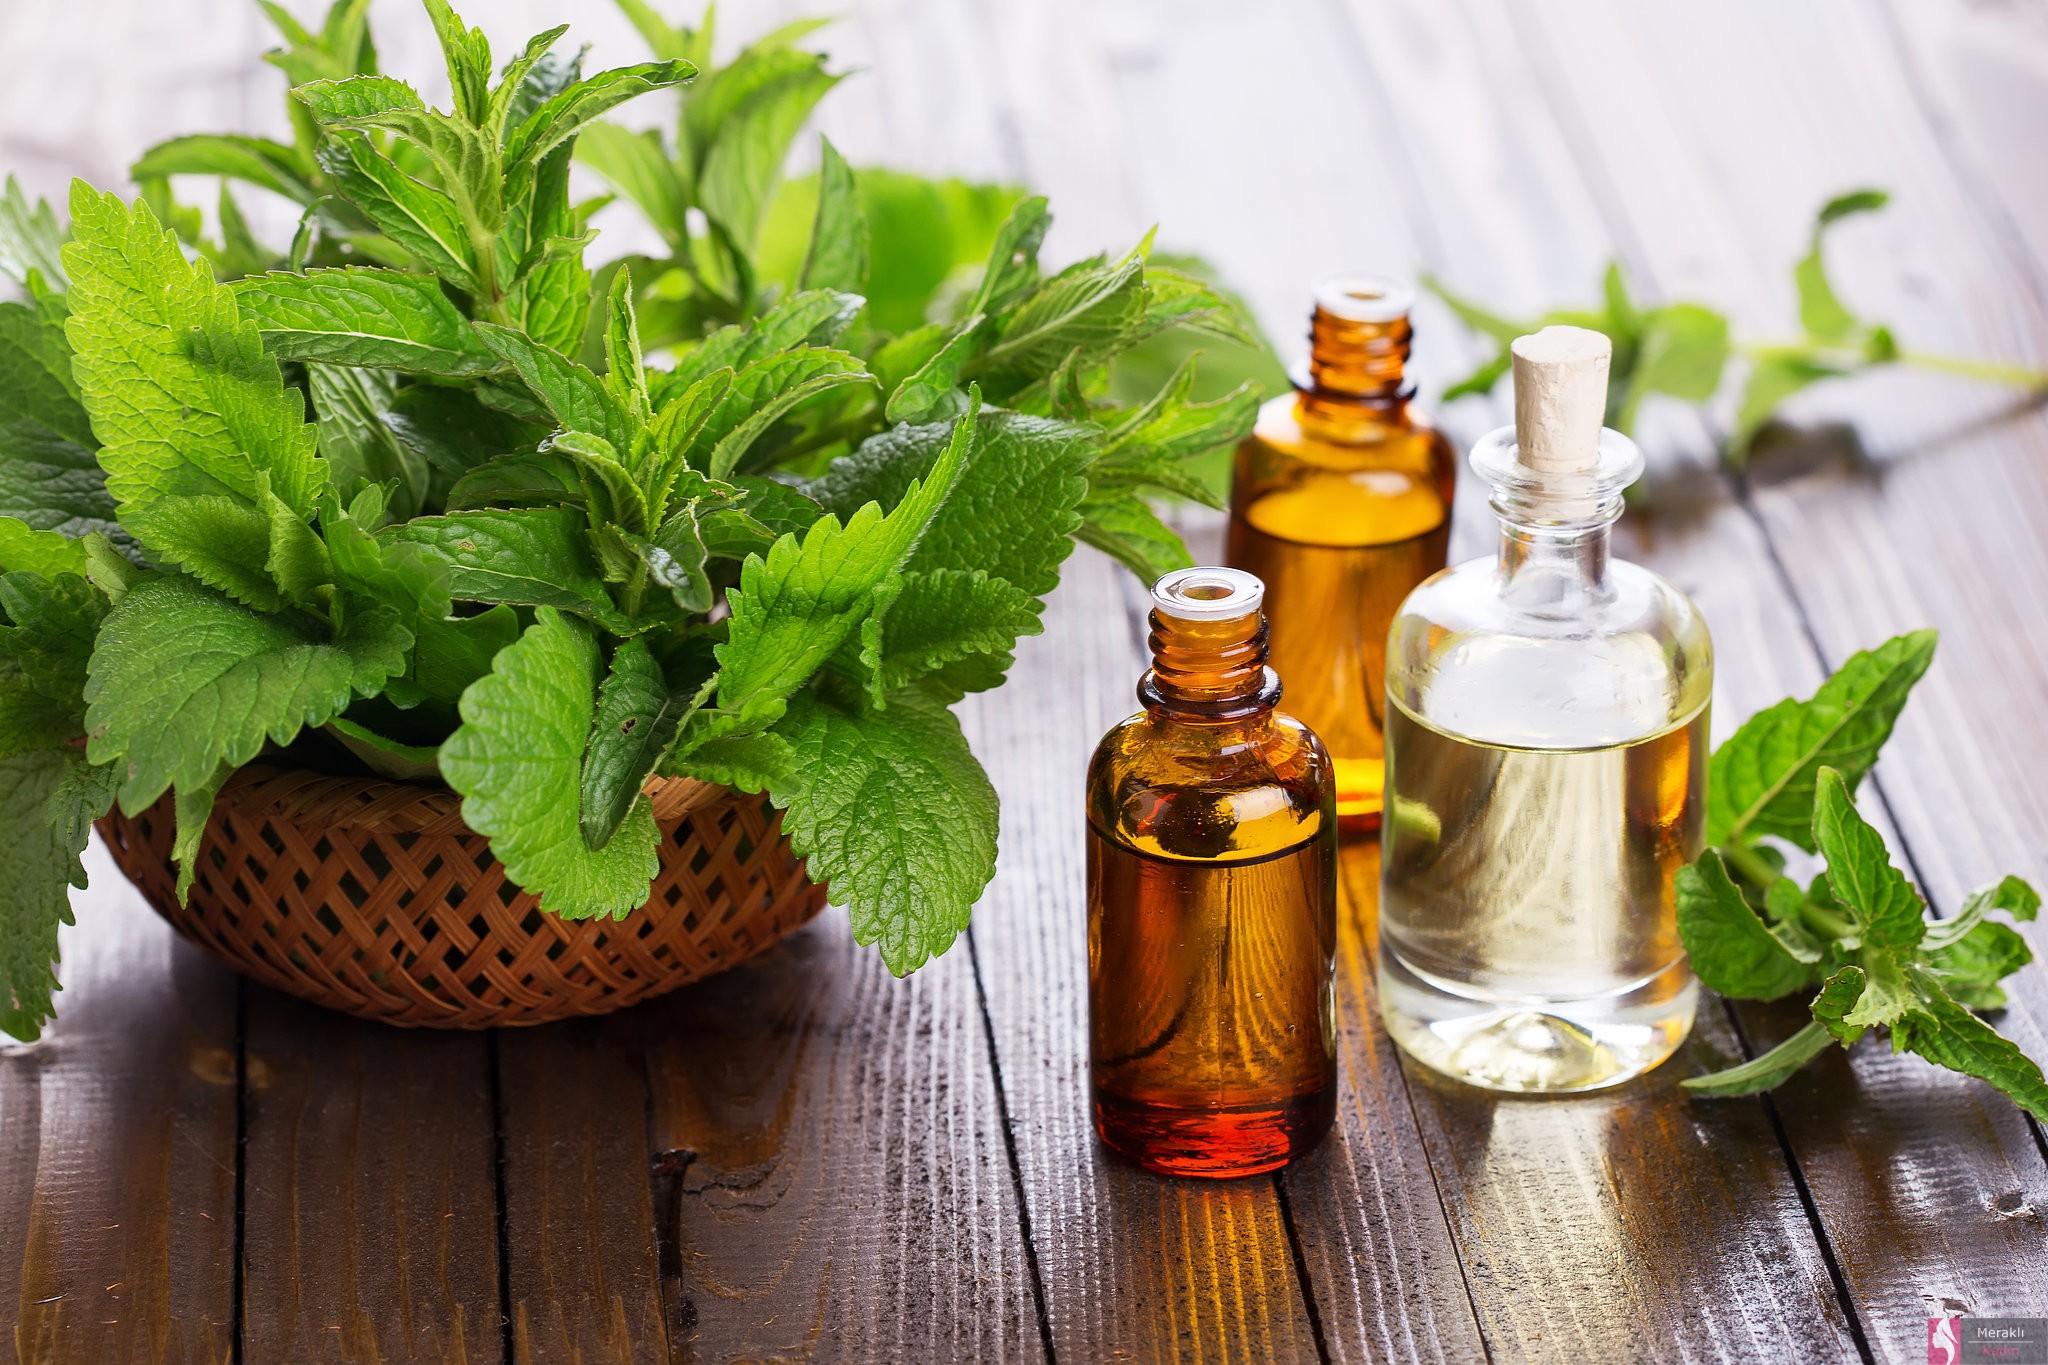 электробезопасности система масла растений в косметологии домашнего